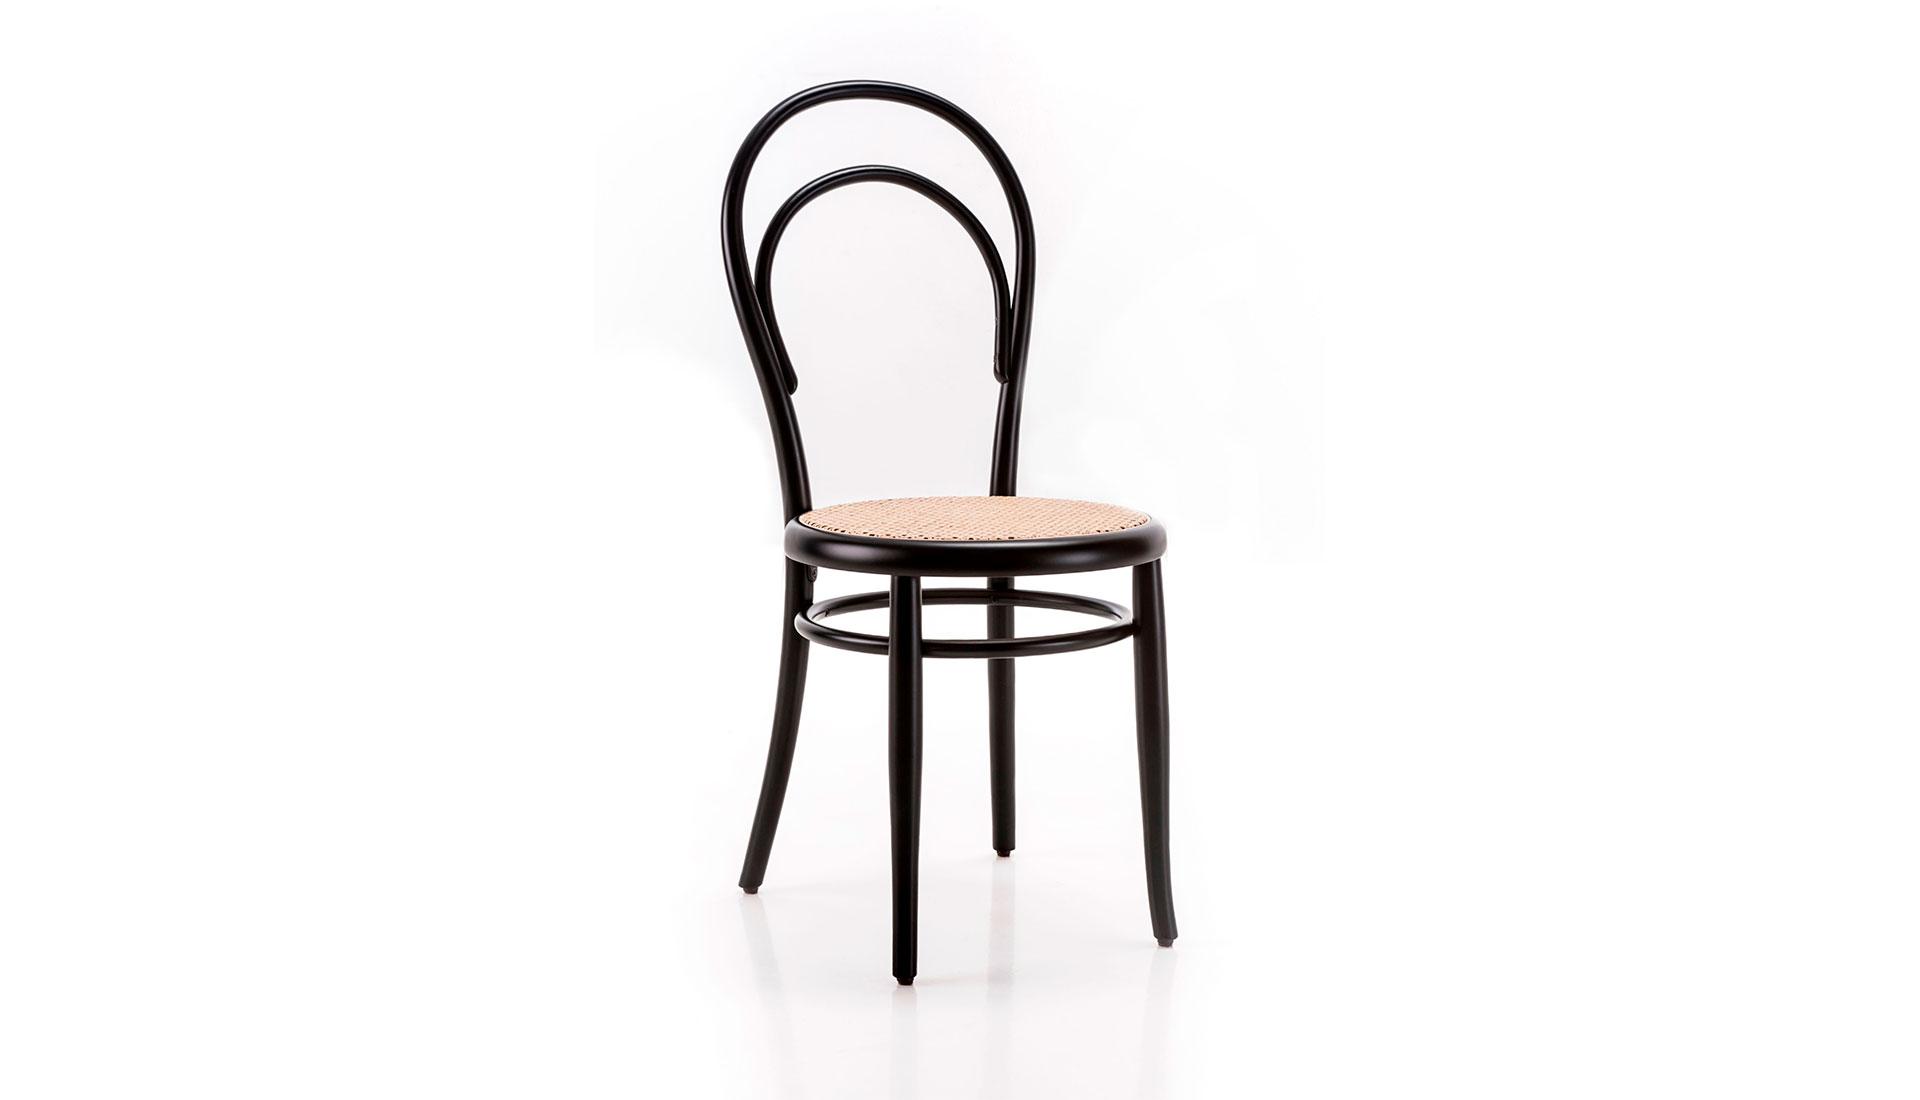 100 лет дизайна: венский стул